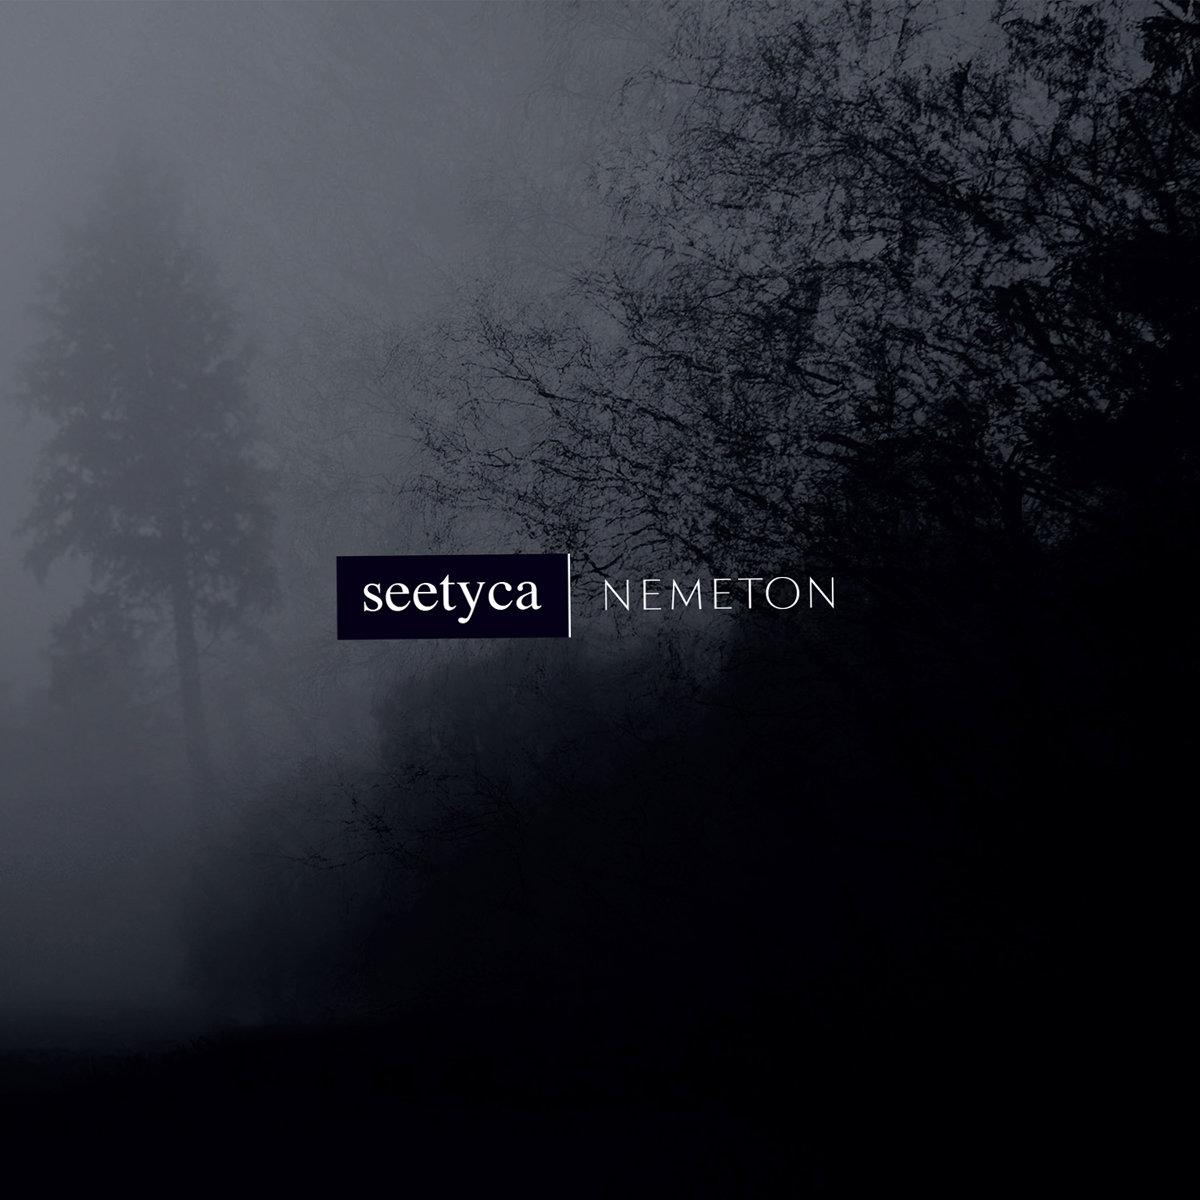 seetyca: Nemeton 【予約受付中】